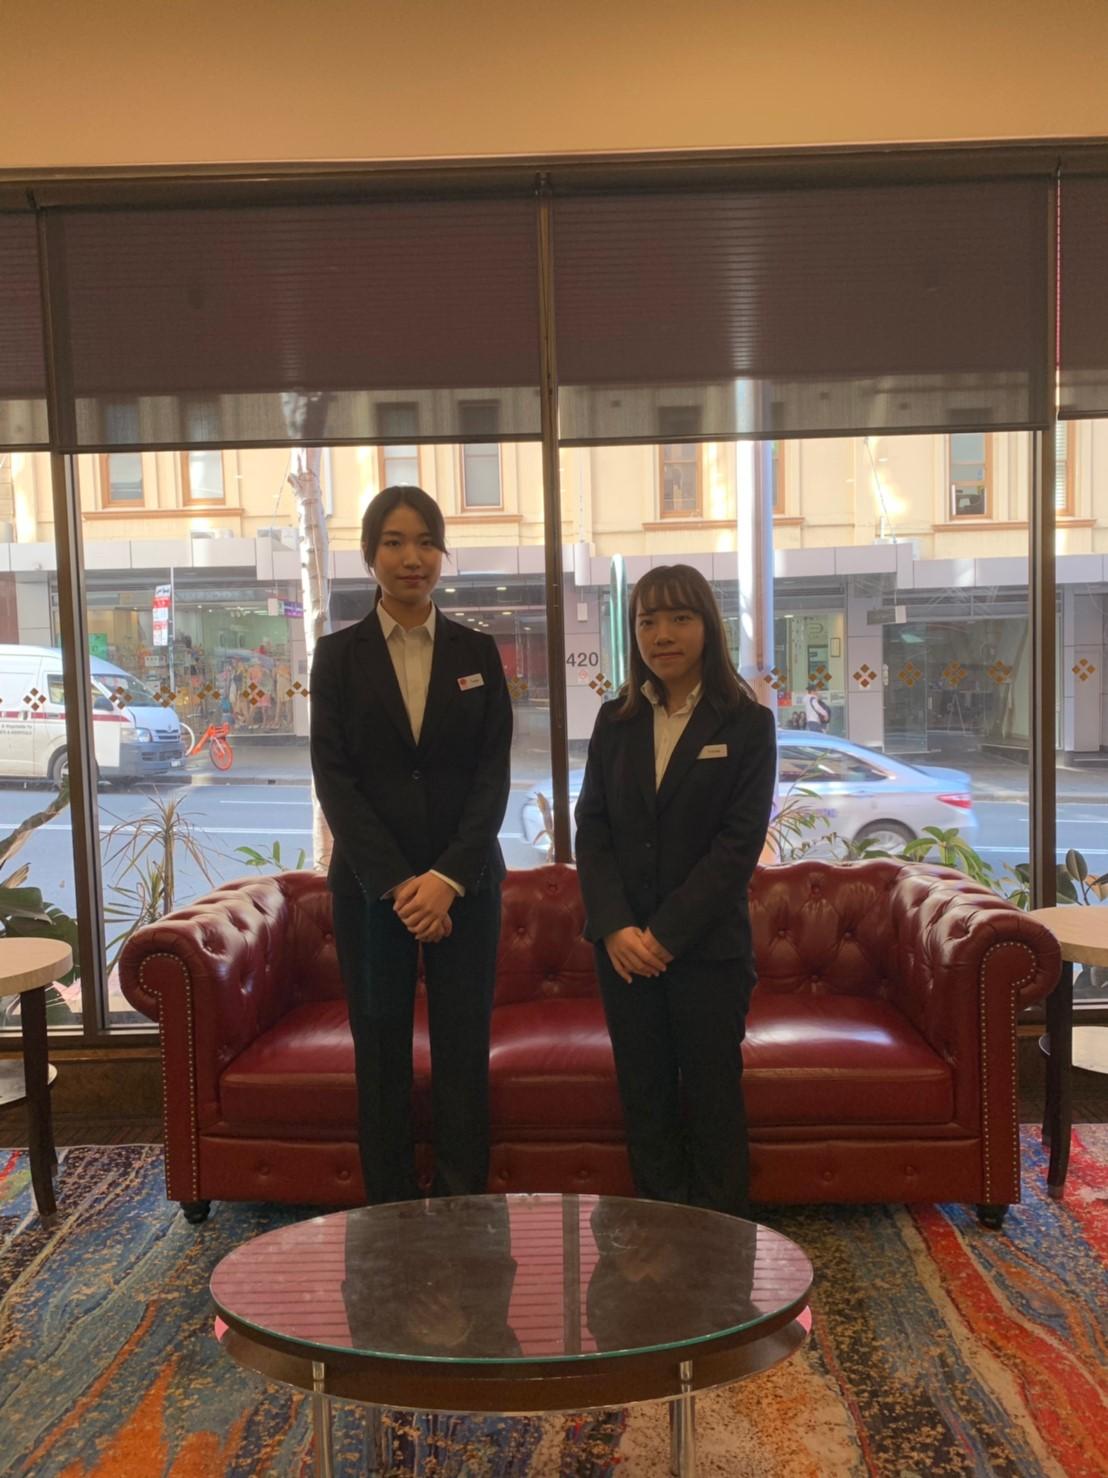 【現在募集中!人気のシドニーホテルインターンシップ】参加した大学生をインタビュー!!